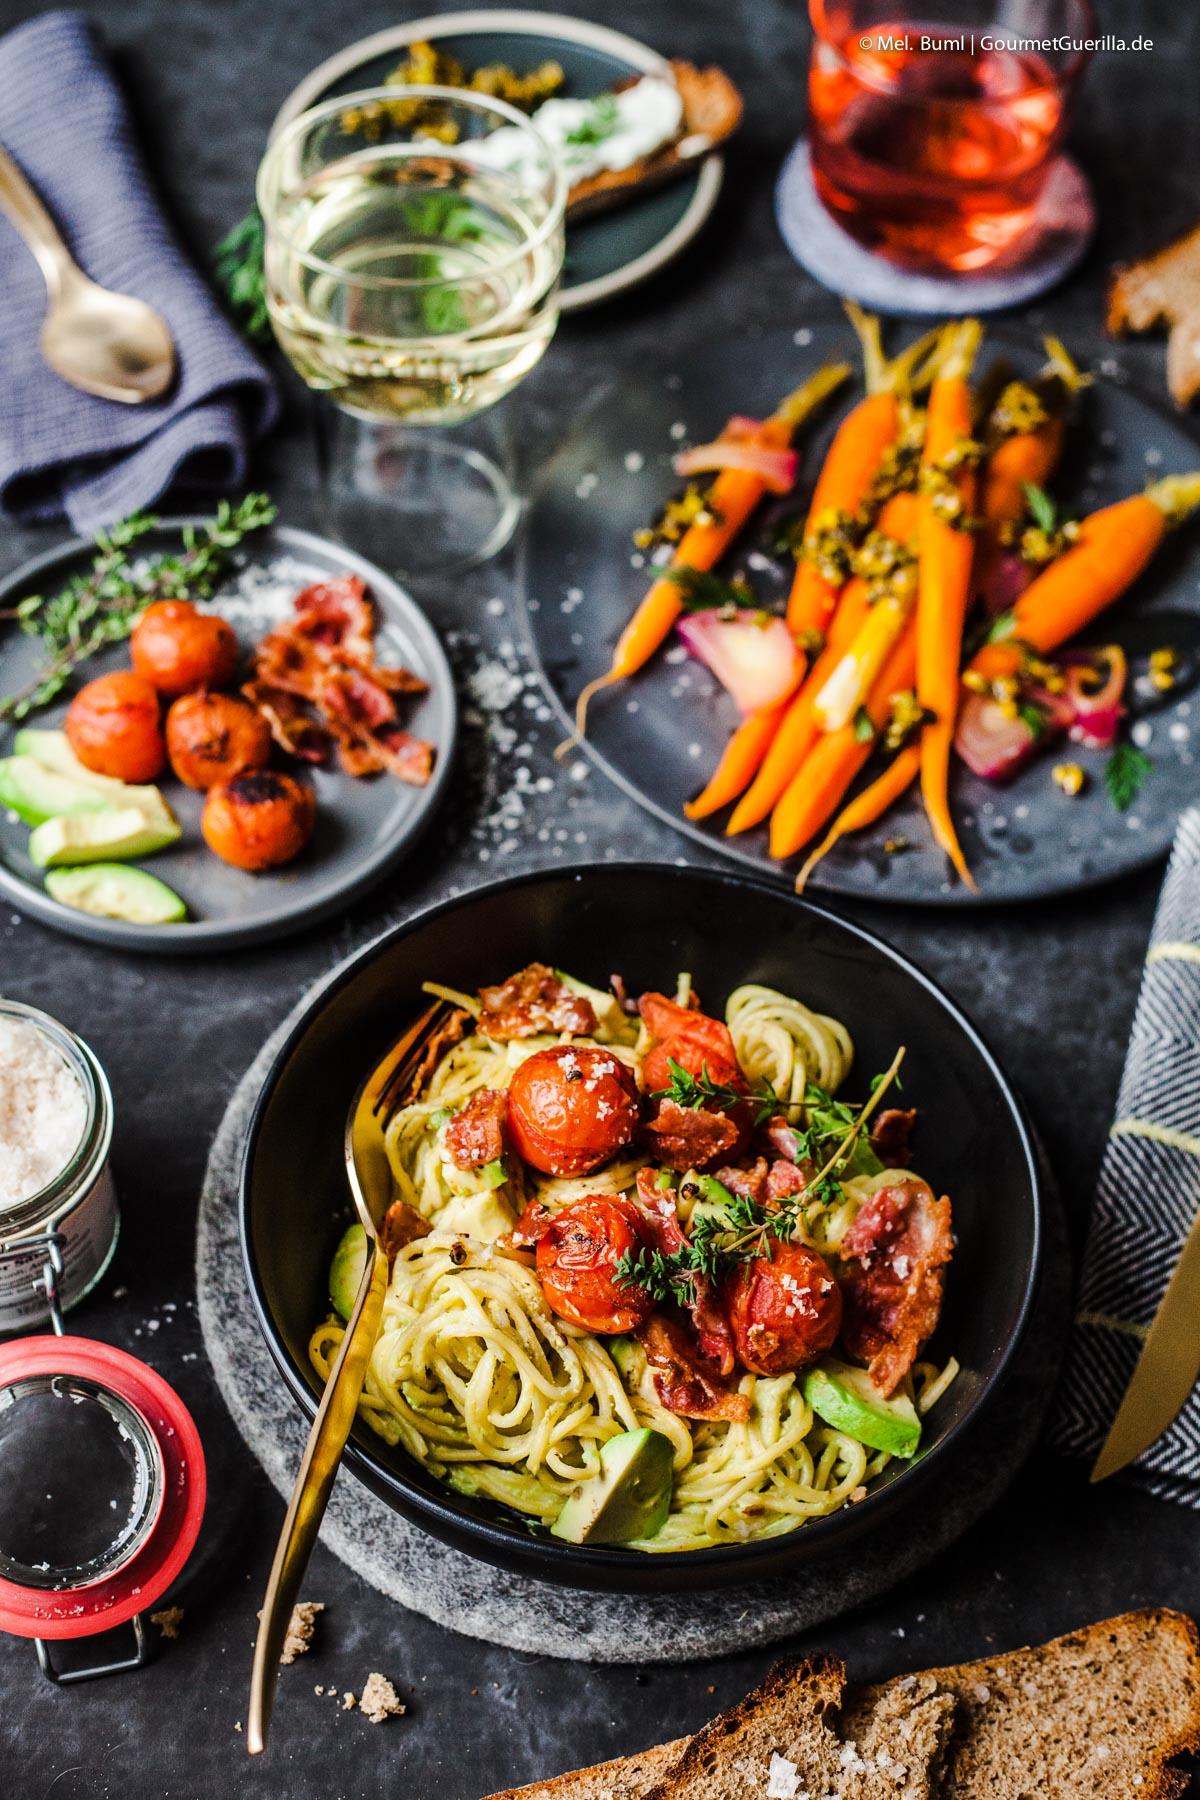 {Valentins-Dinner} Orangen-Möhren mit Pistazien-Thymian-Crunch und Avocado-Spaghetti mit gebackenen Tomaten und Baken-Flakes |GourmetGuerilla.de